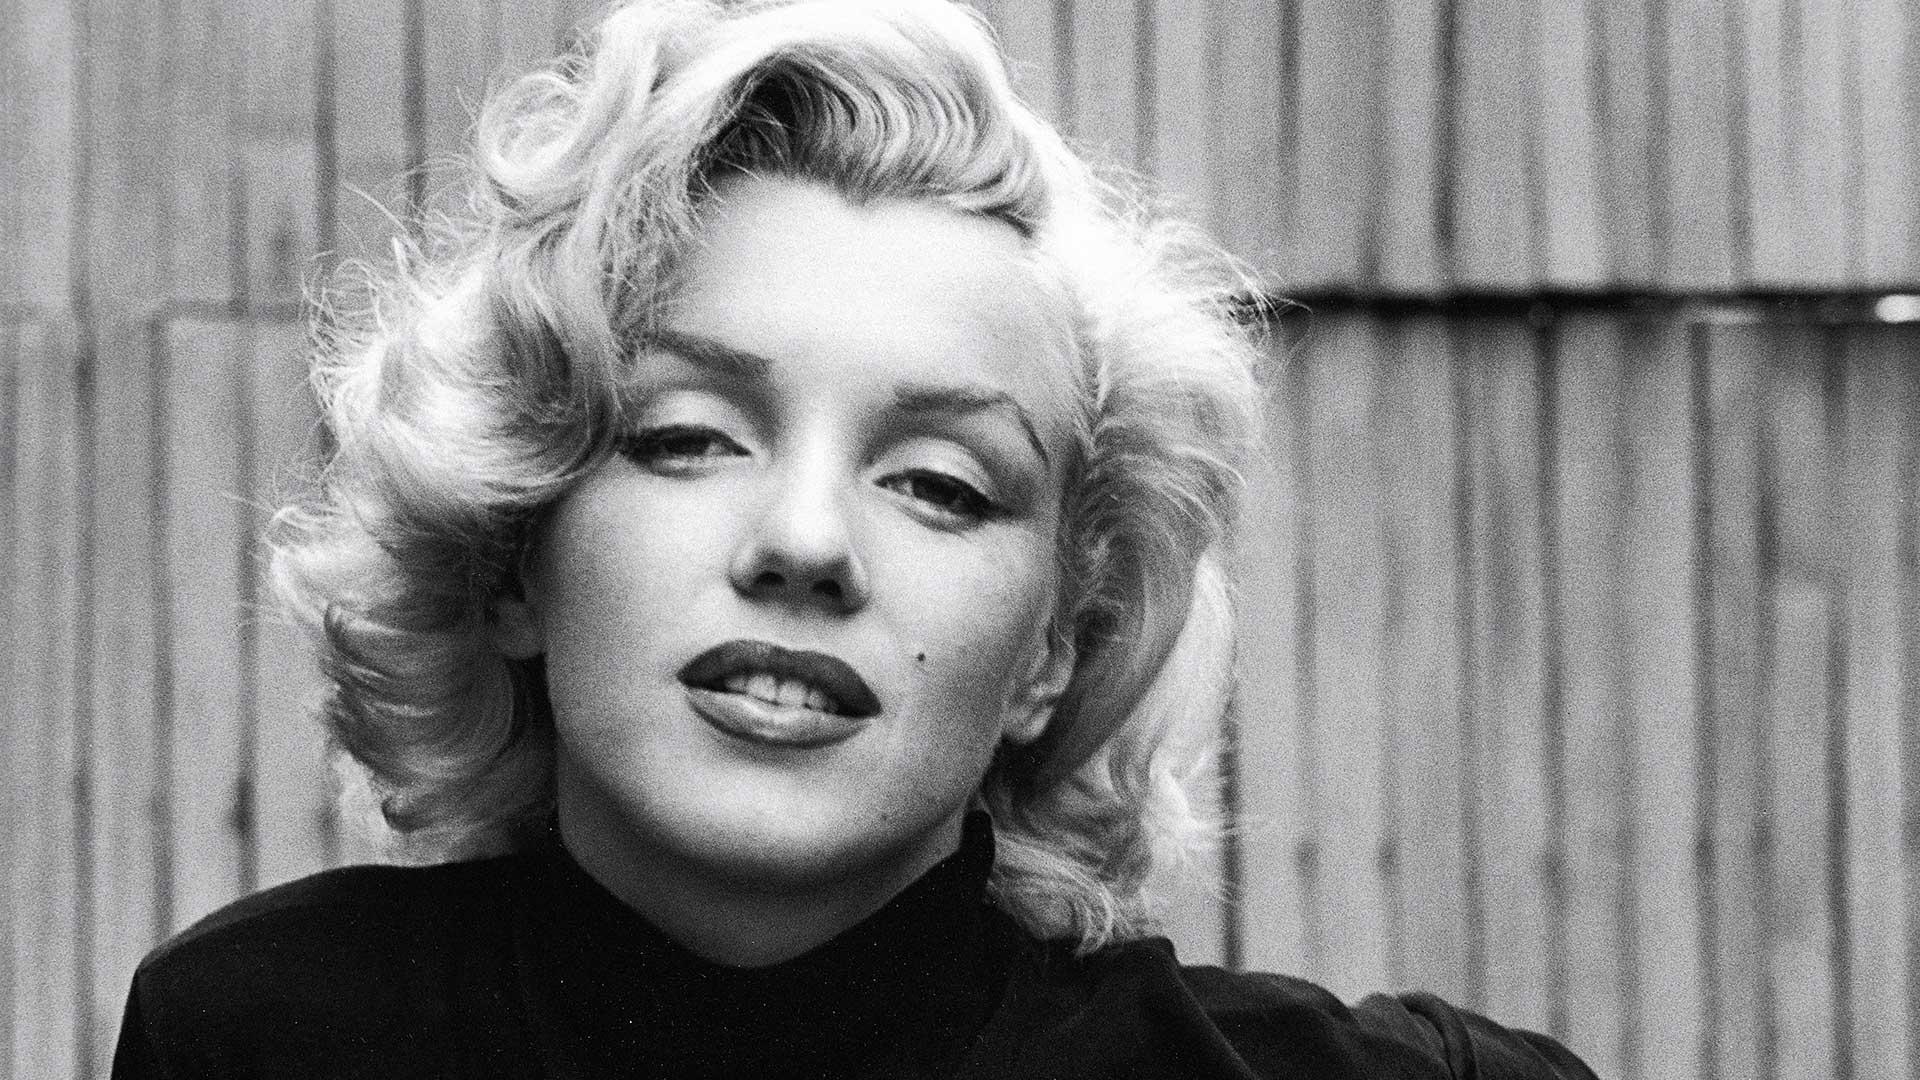 1953: Actress Marilyn Monroe